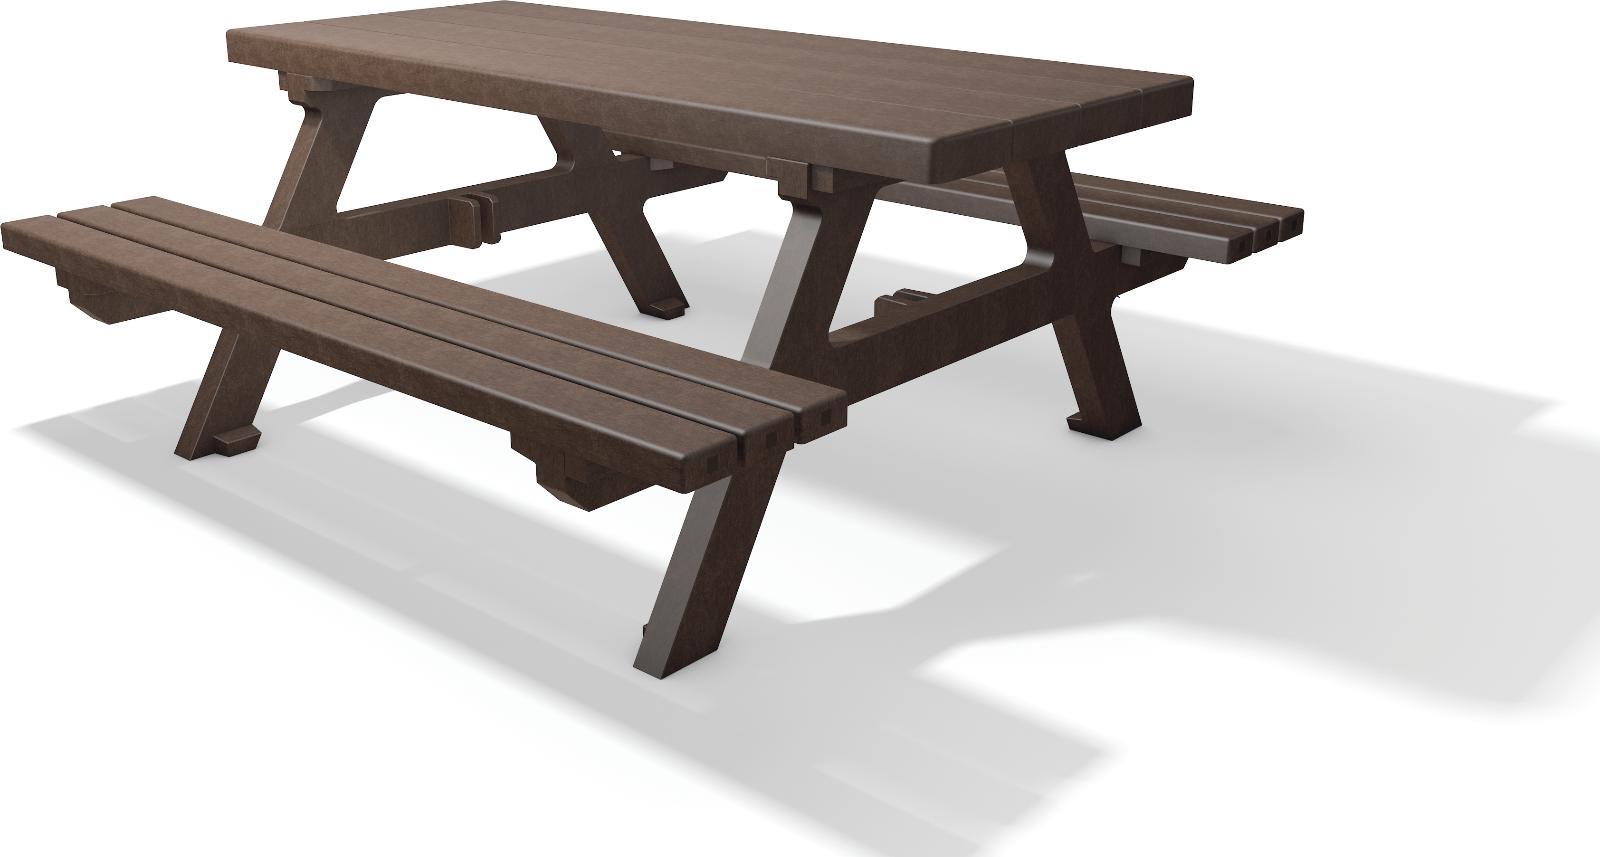 sitzgruppe isola recycling kunststoff bank tisch kombi amsdirekt. Black Bedroom Furniture Sets. Home Design Ideas